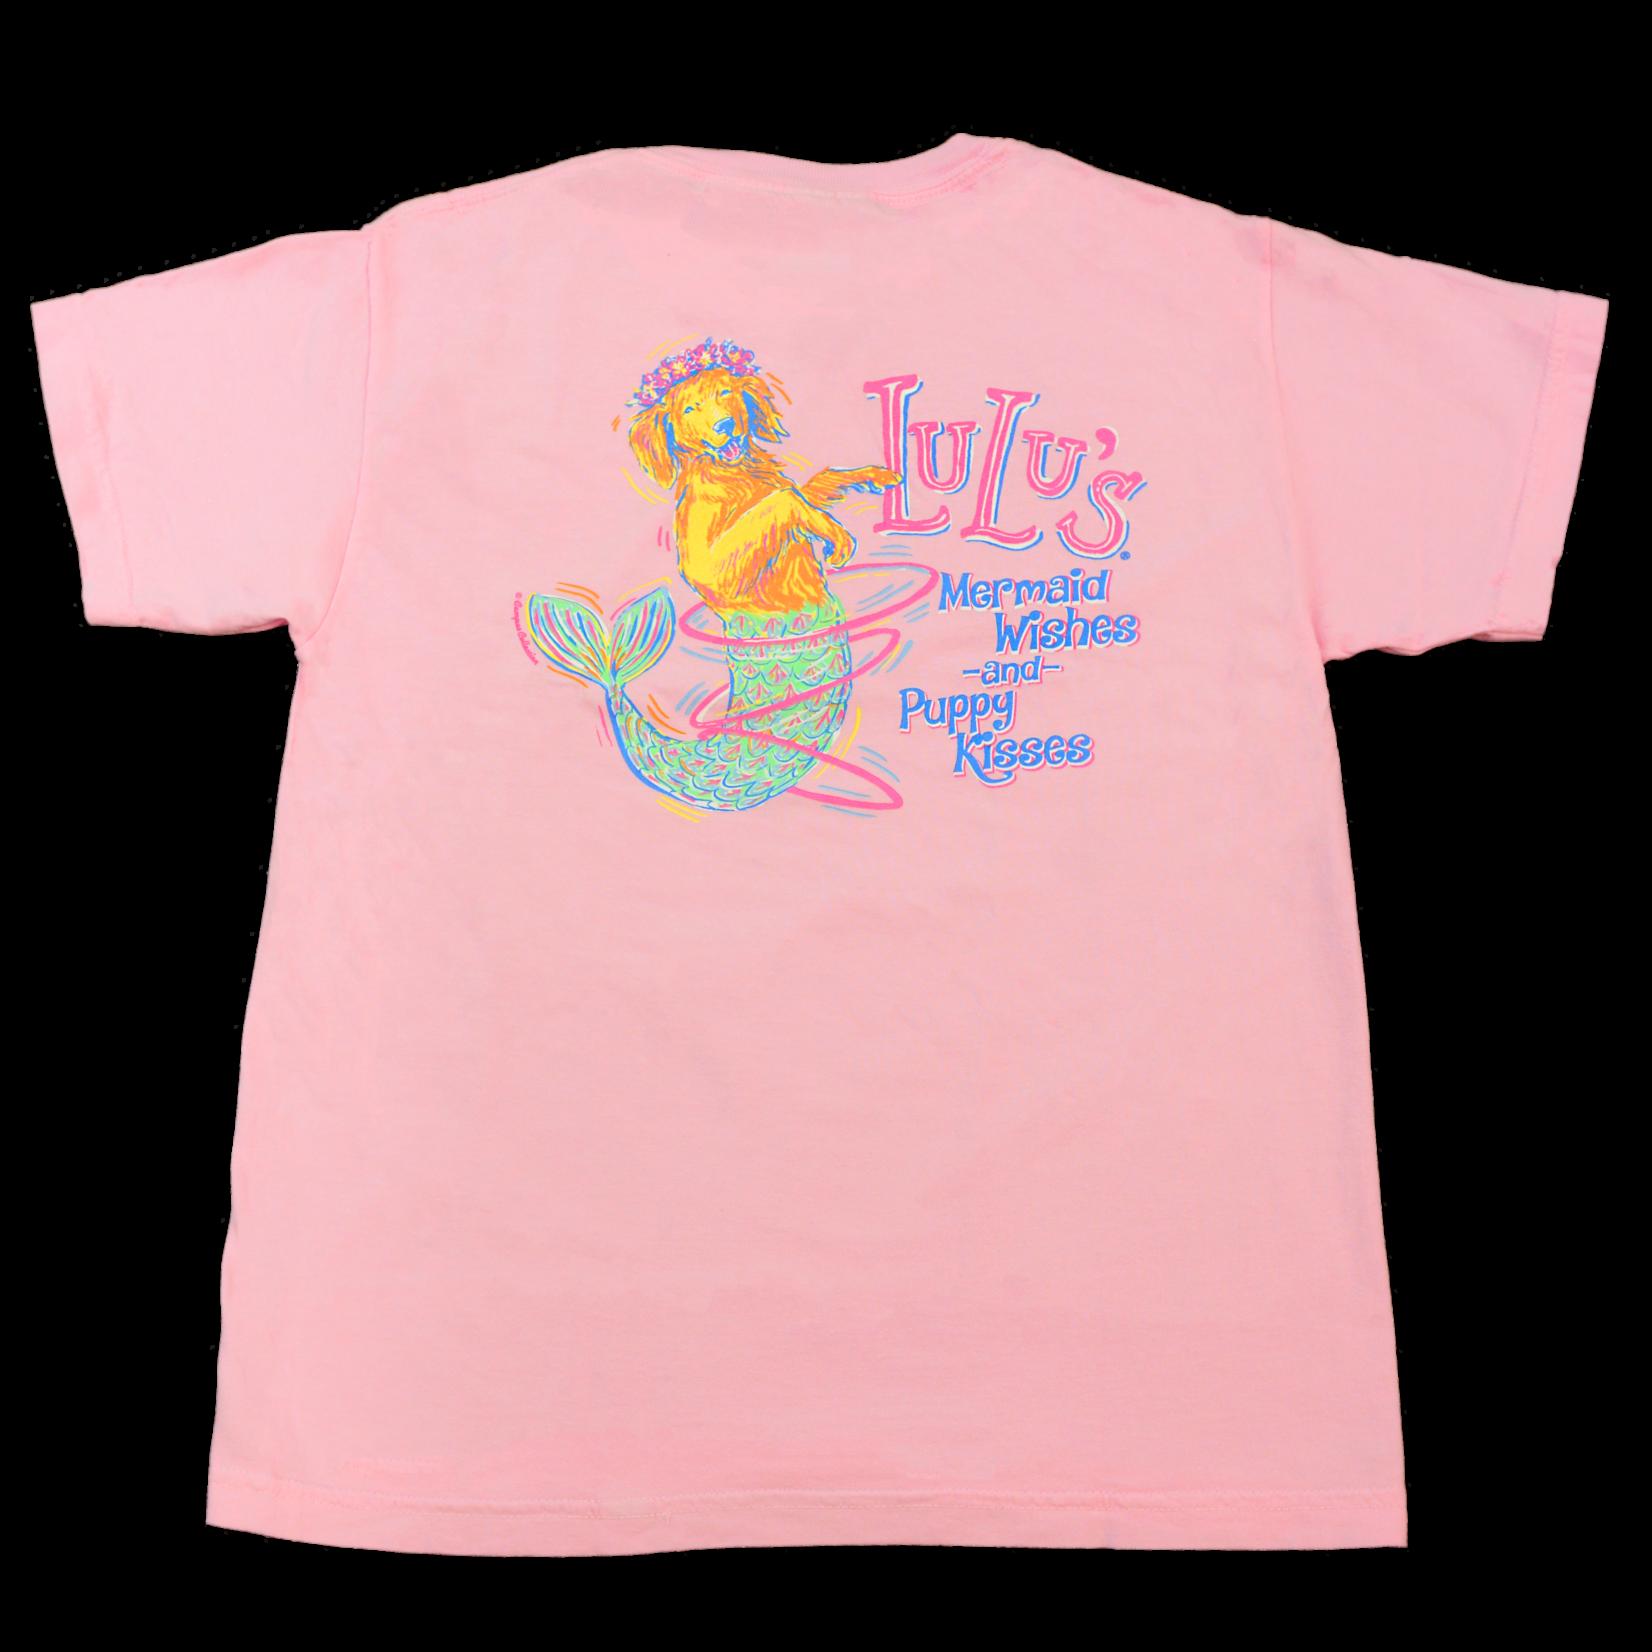 Youth Mermaid Pup Tee